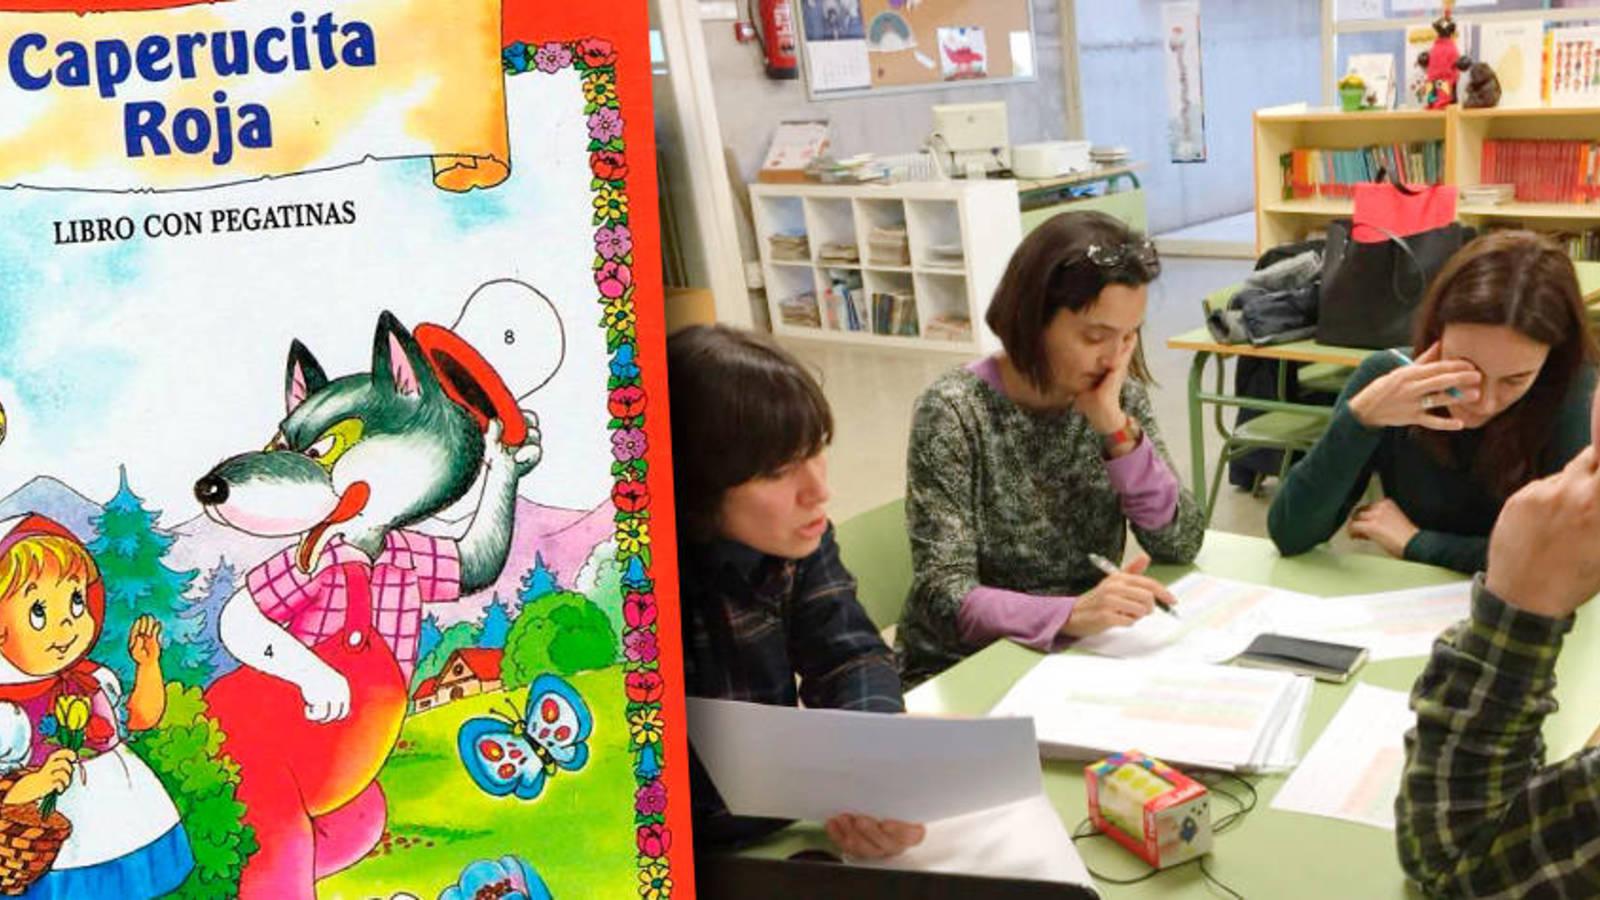 Censurados 'Caperucita Roja' y 200 cuentos sexistas en una escuela pública de Barcelona